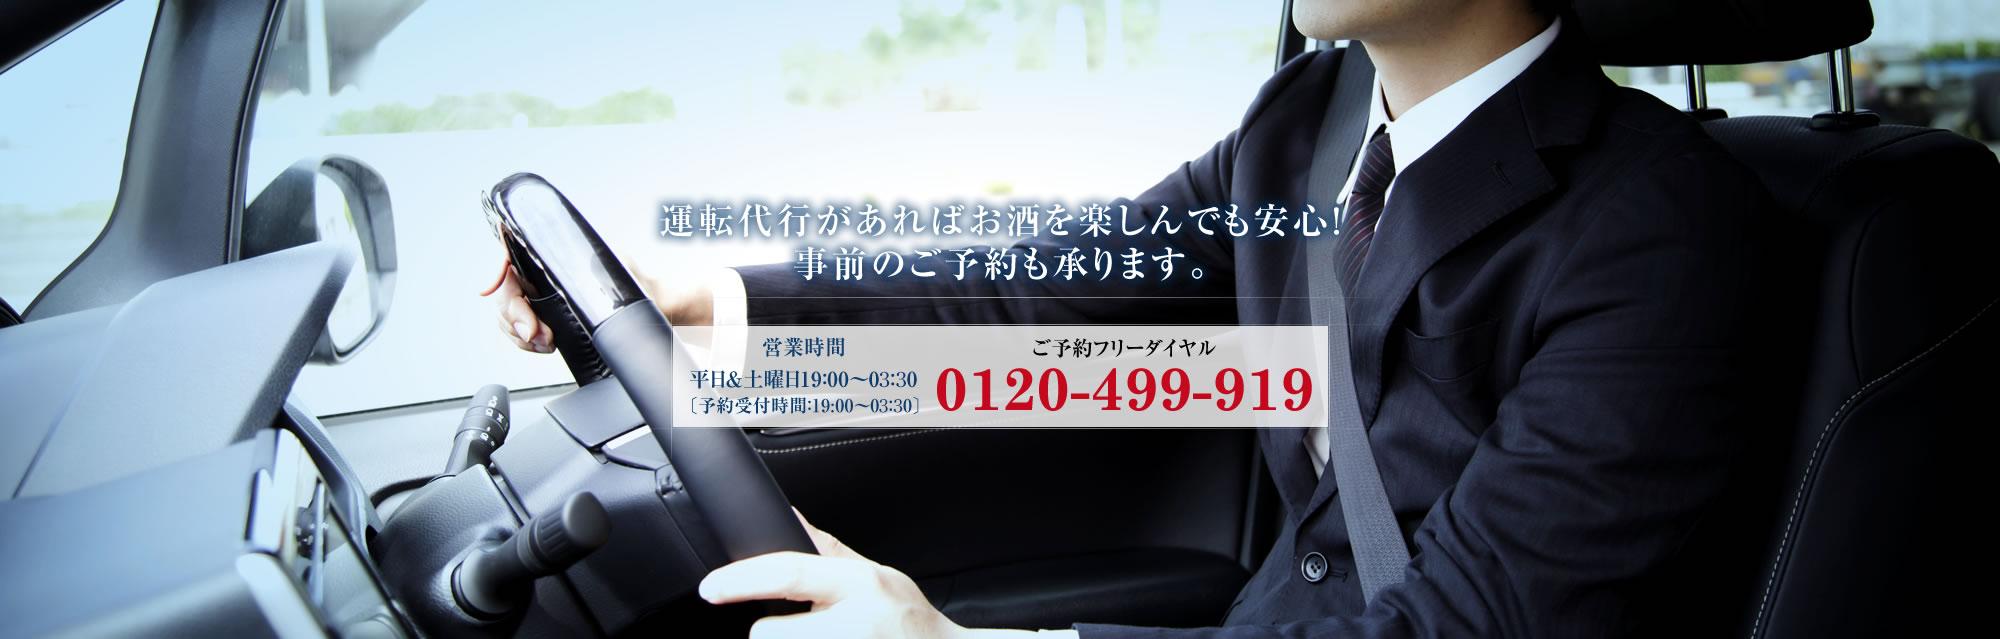 運転代行があればお酒を楽しんでも安心!事前のご予約も承ります。